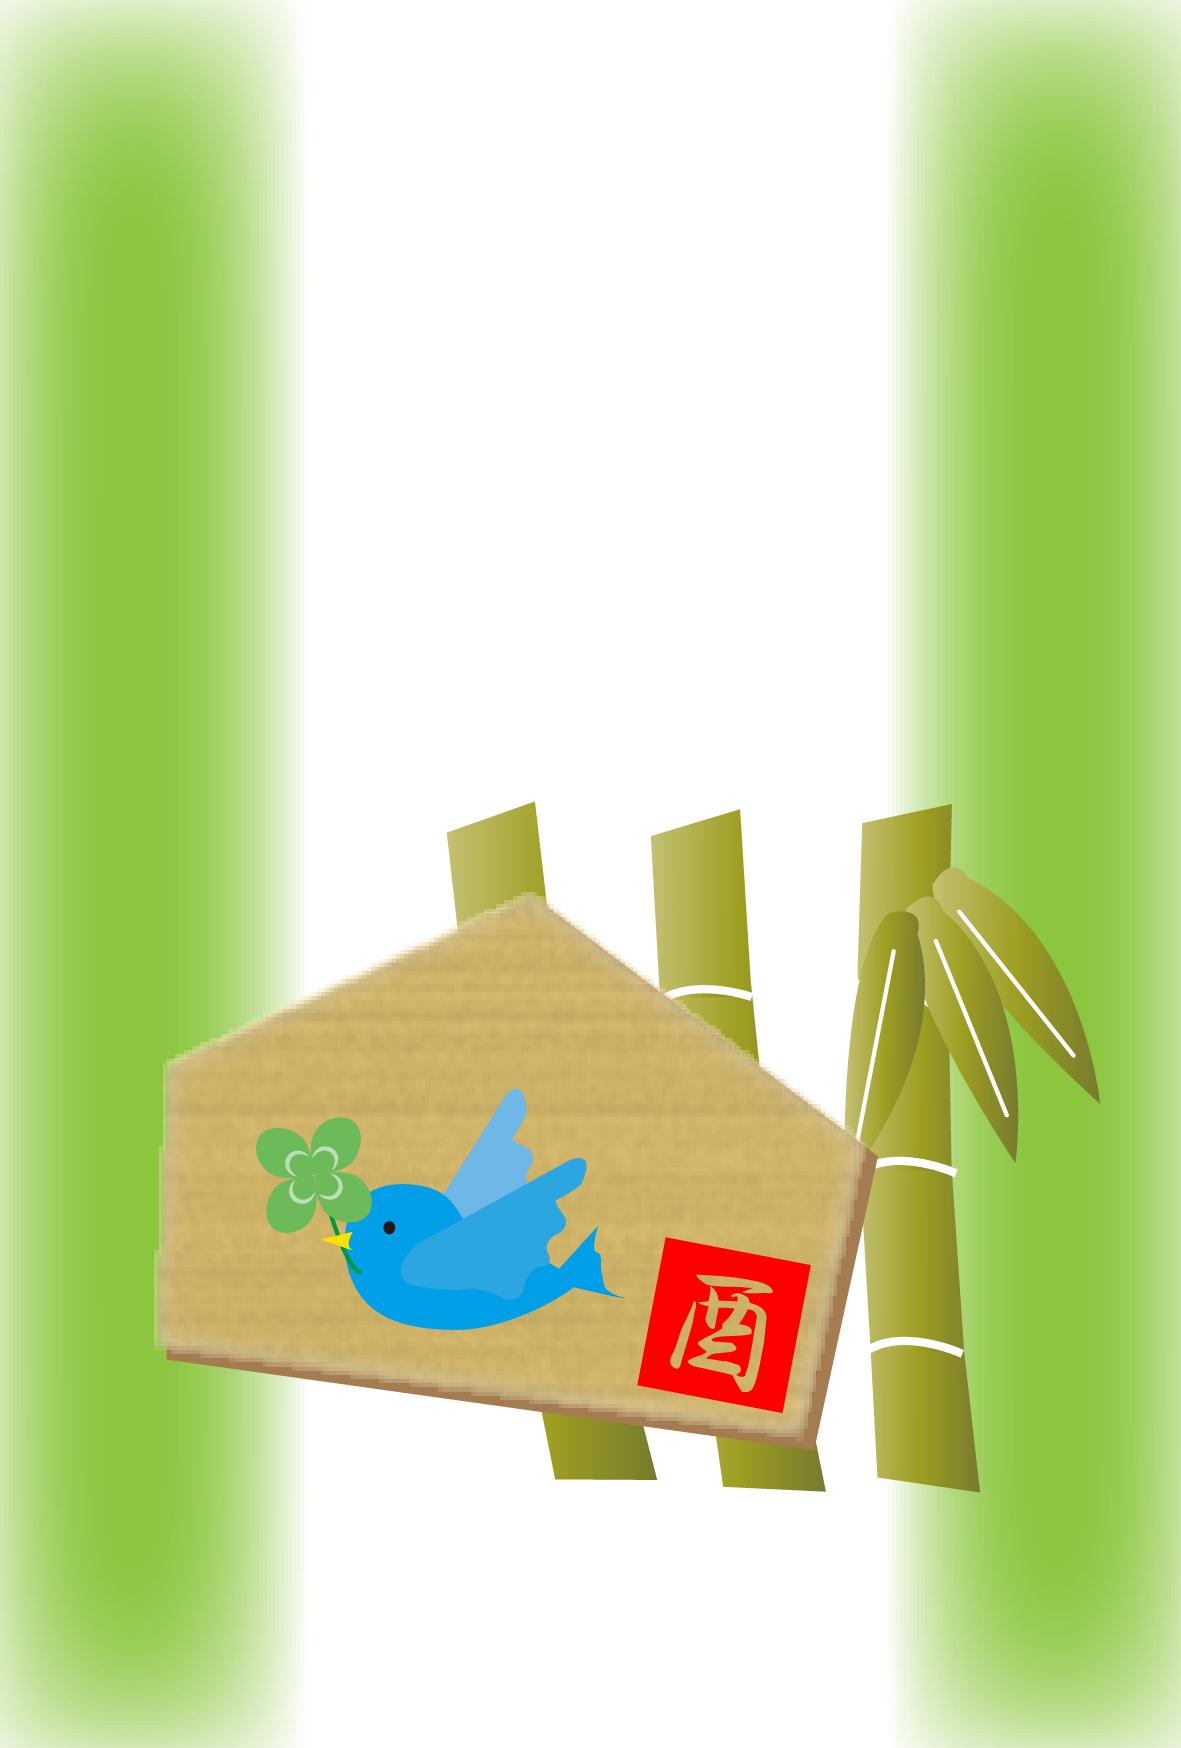 四つ葉を運ぶ青い鳥の絵馬が描かれた(文字なし)